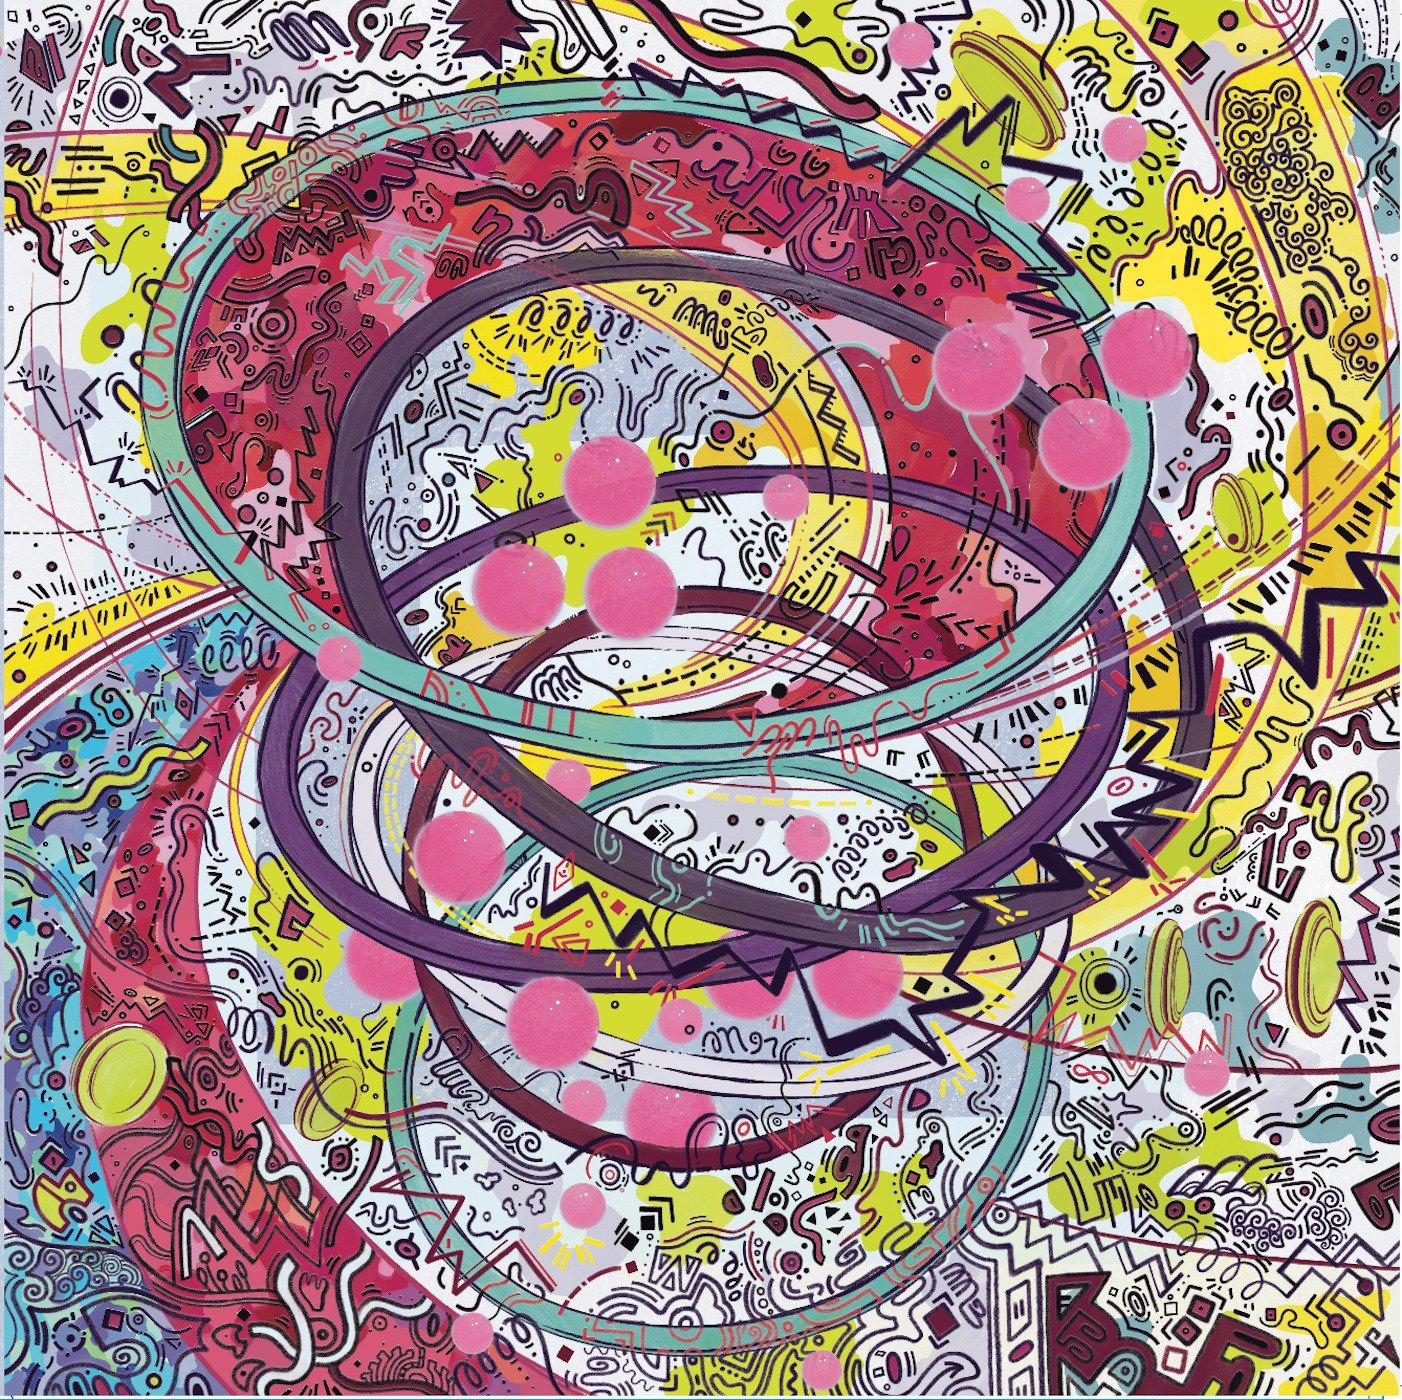 Schneider & Dreier - Liquid Summer (Martin Buttrich Remixes) - Opulence • 11/01/2019